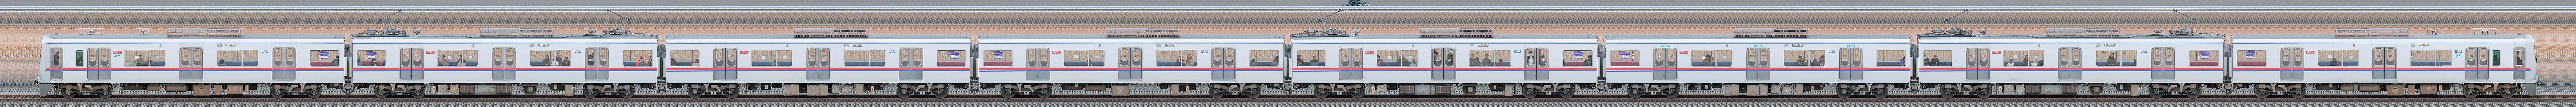 京成3000形(7次車/3050形)3051編成(デザイン変更後・山側)の編成サイドビュー